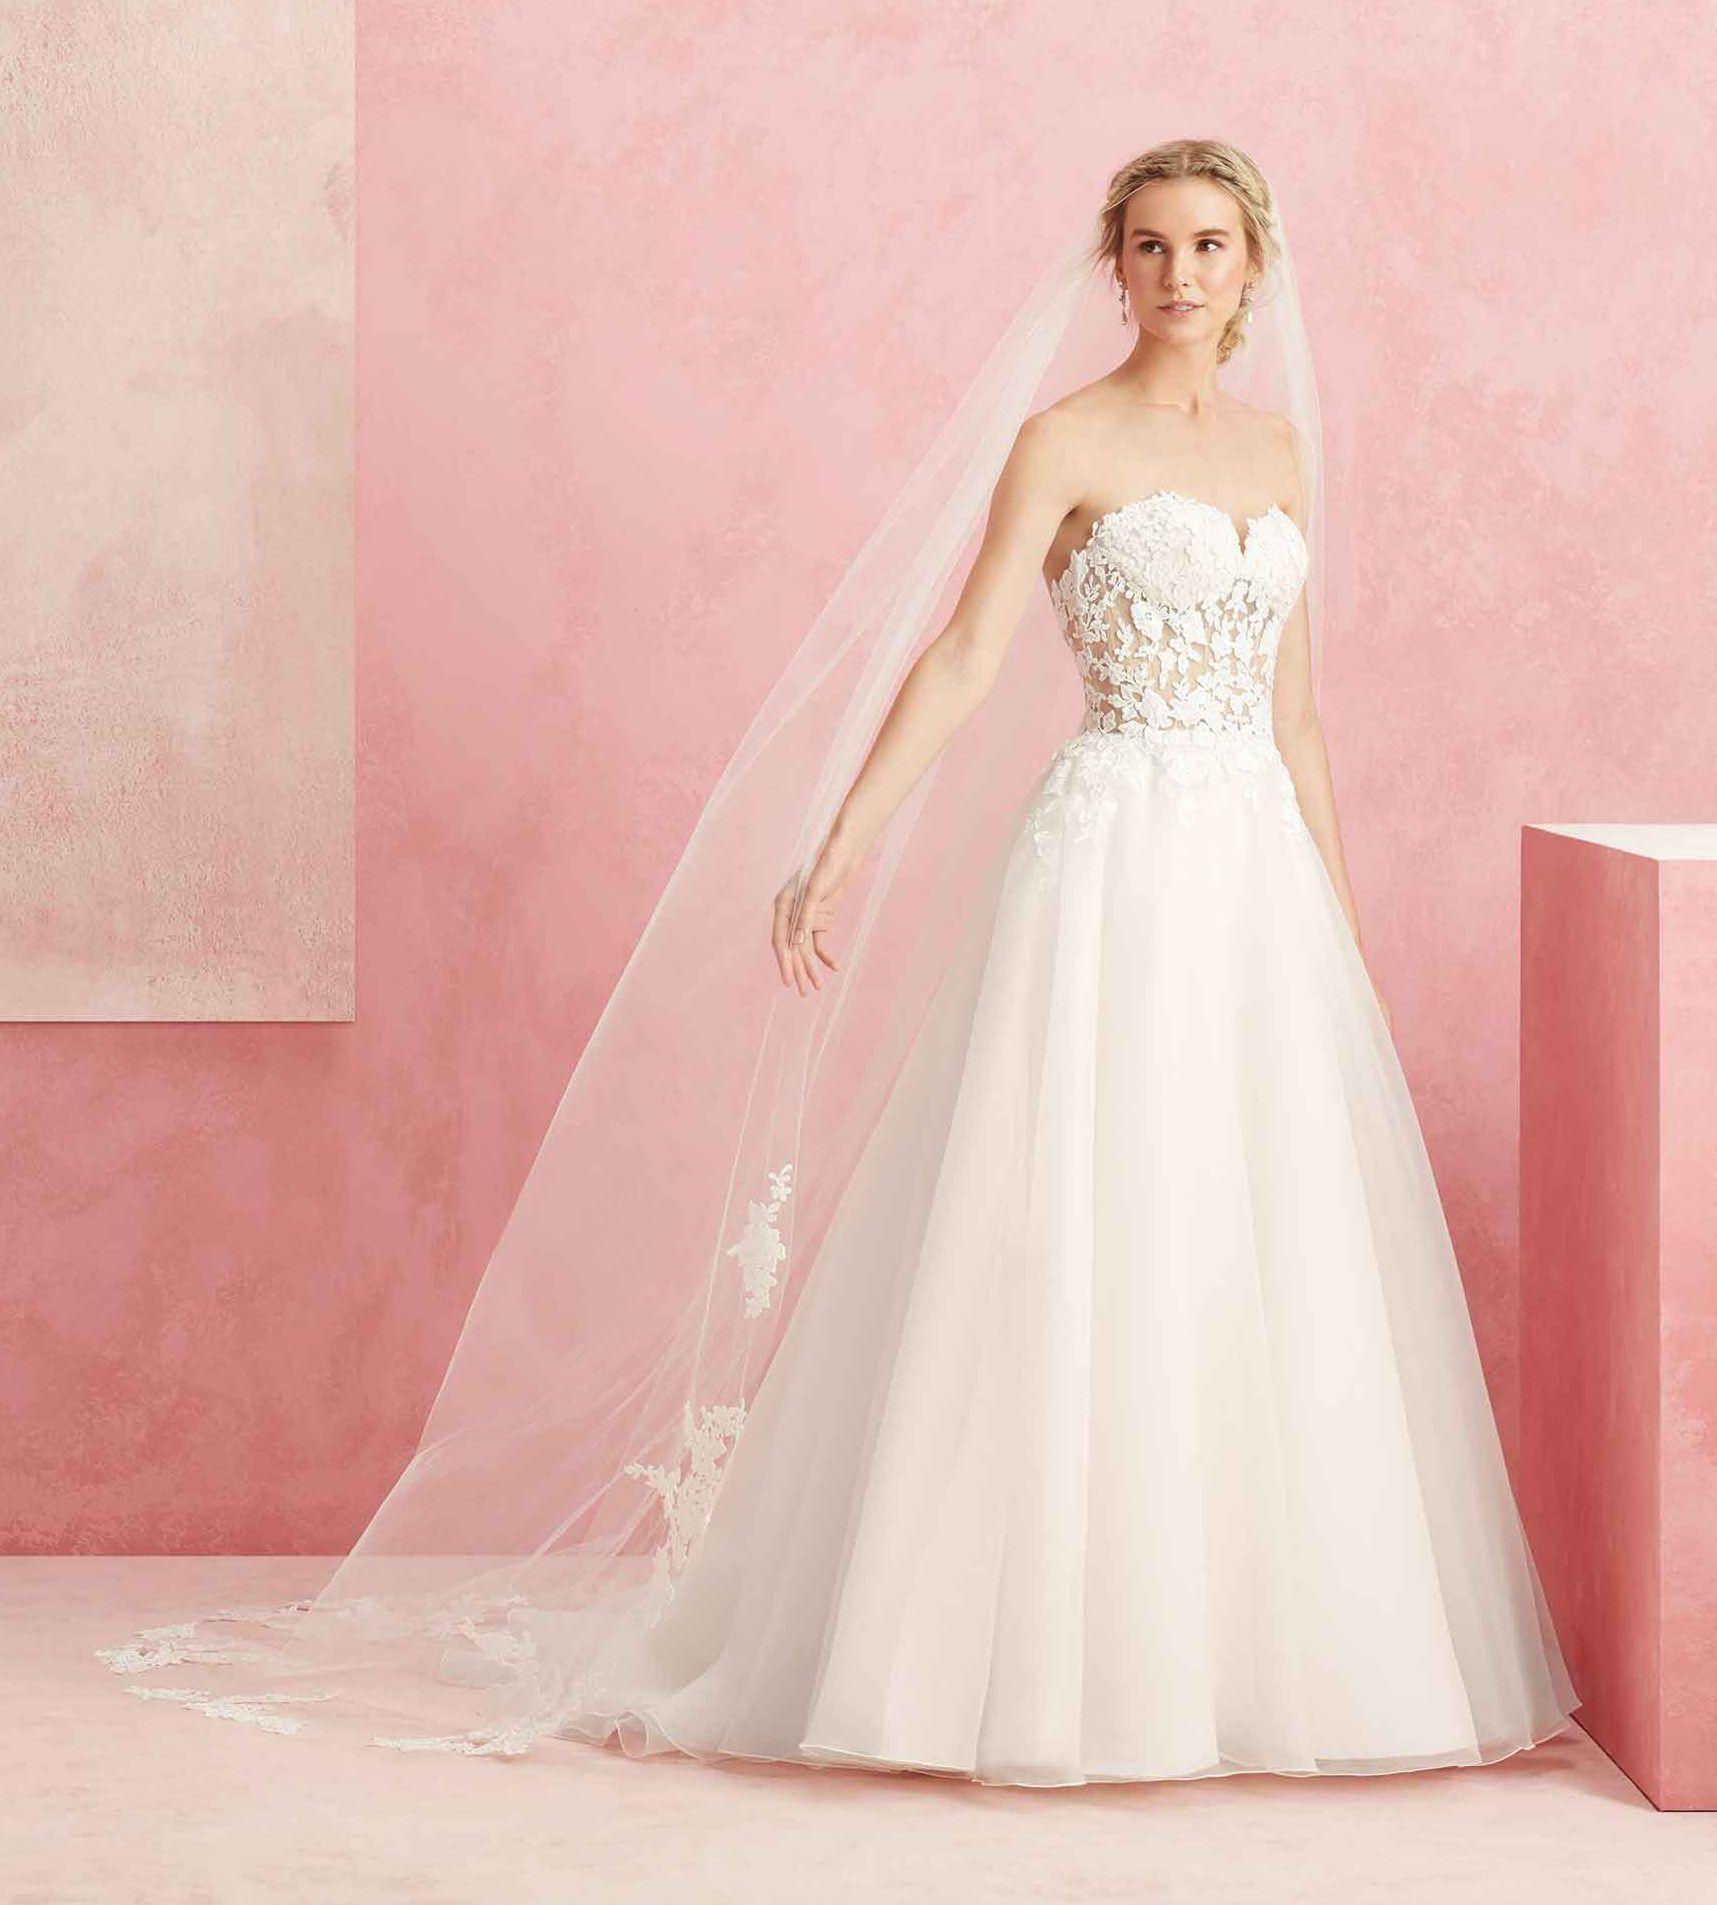 Sehen Sie umwerfend am Hochzeitstag mit einem Kleid in Pastellfarben aus